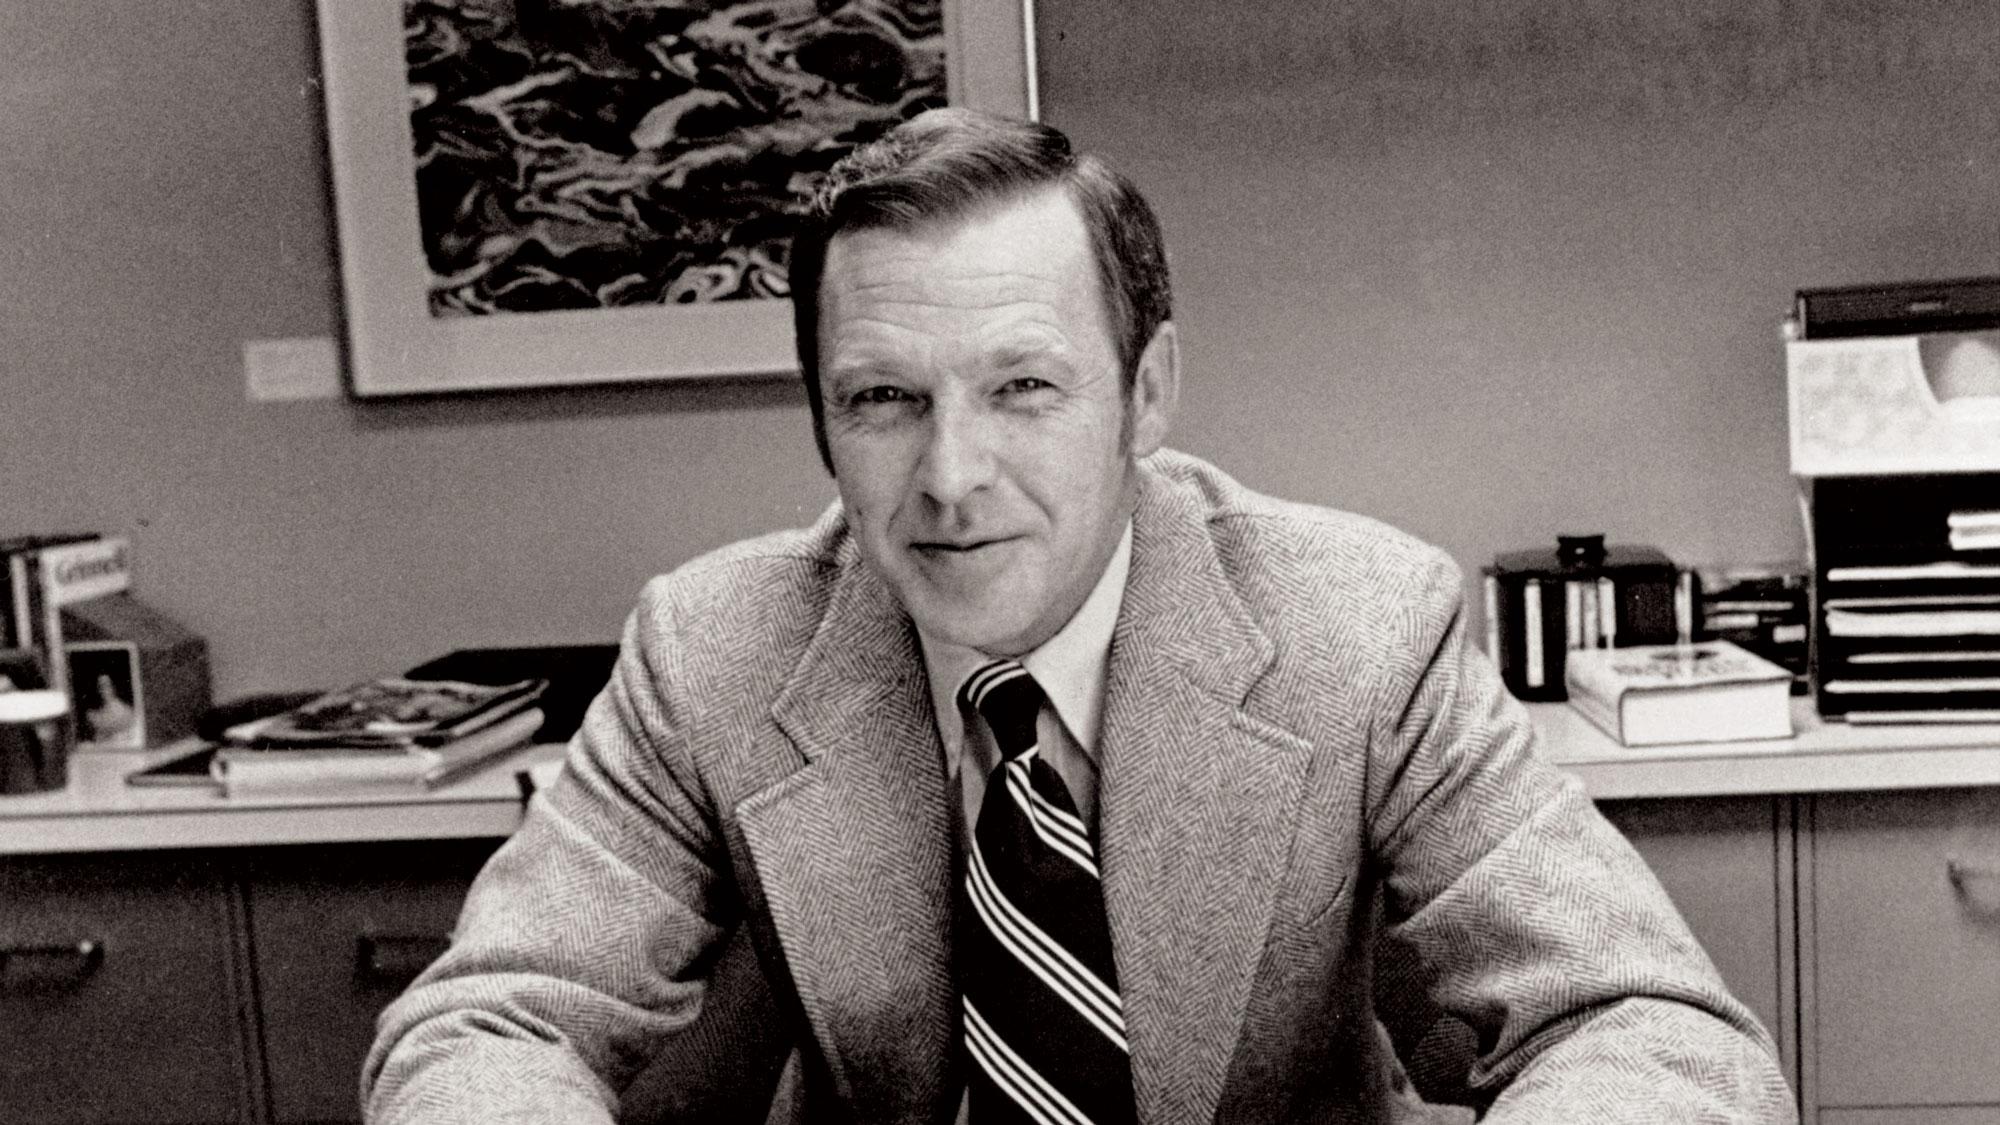 Wally Walker at his desk